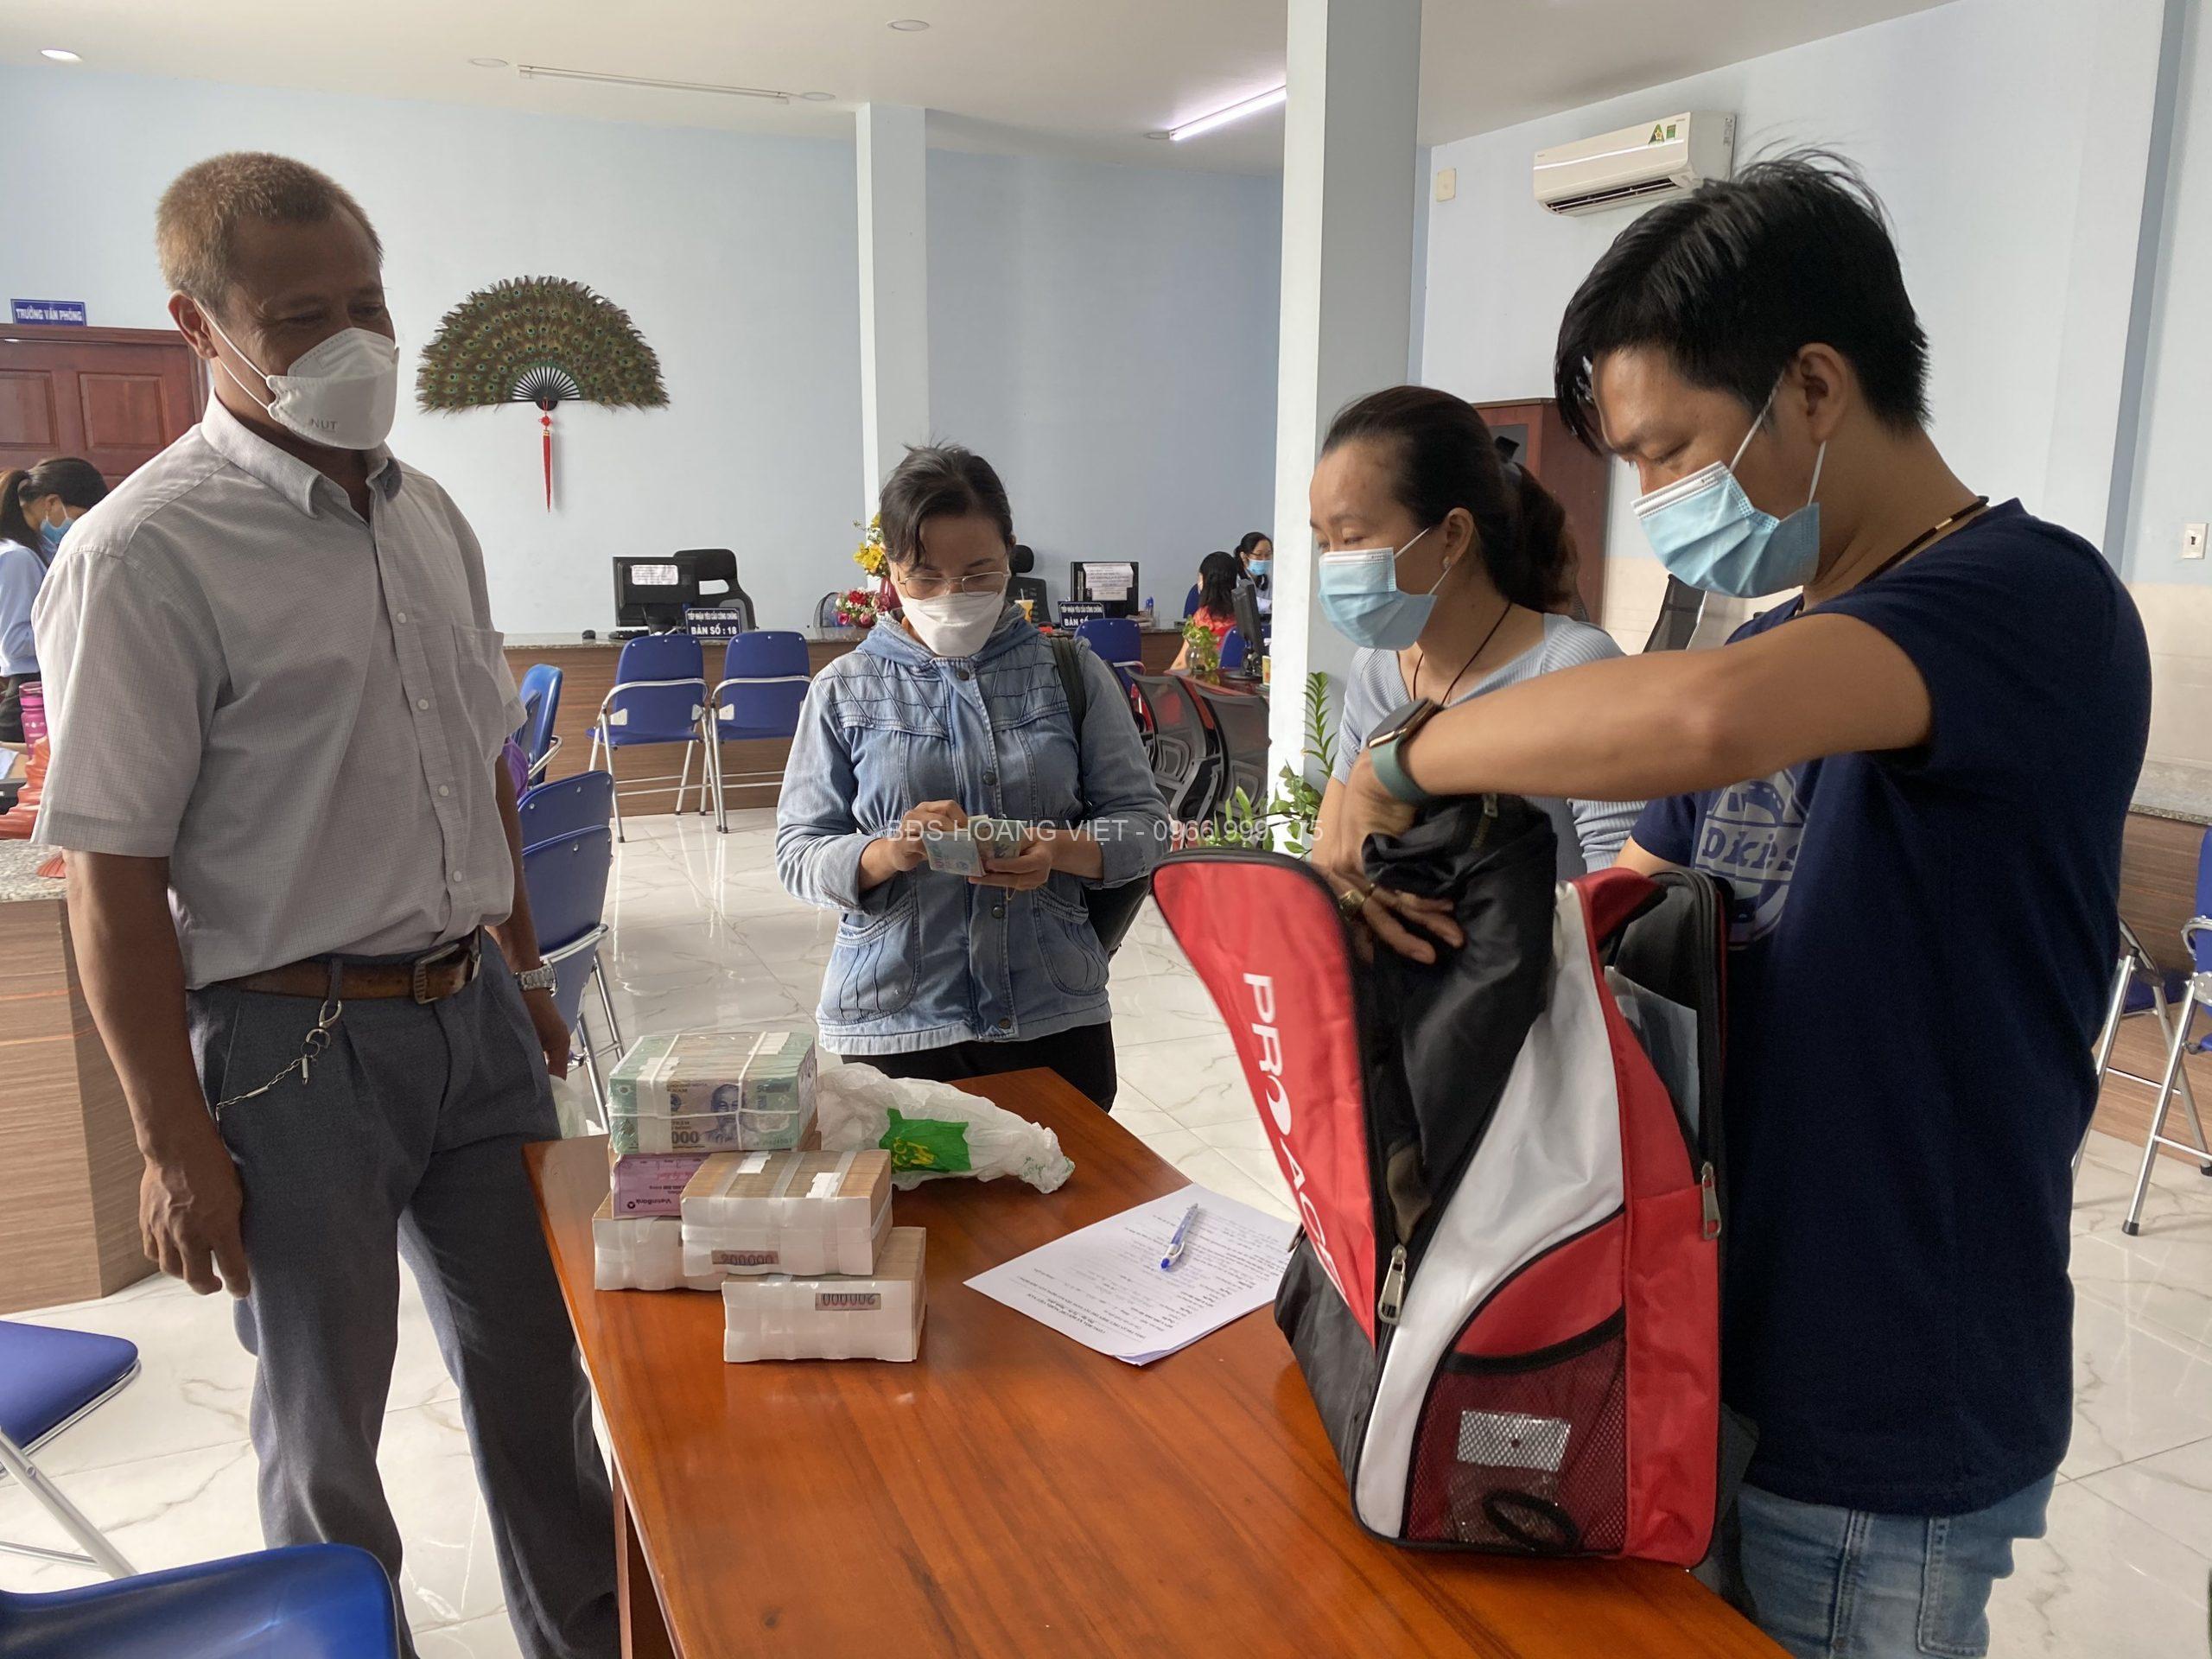 Rất nhiều giao dịch thành công tại BDS Hoàng Việt trong năm qua